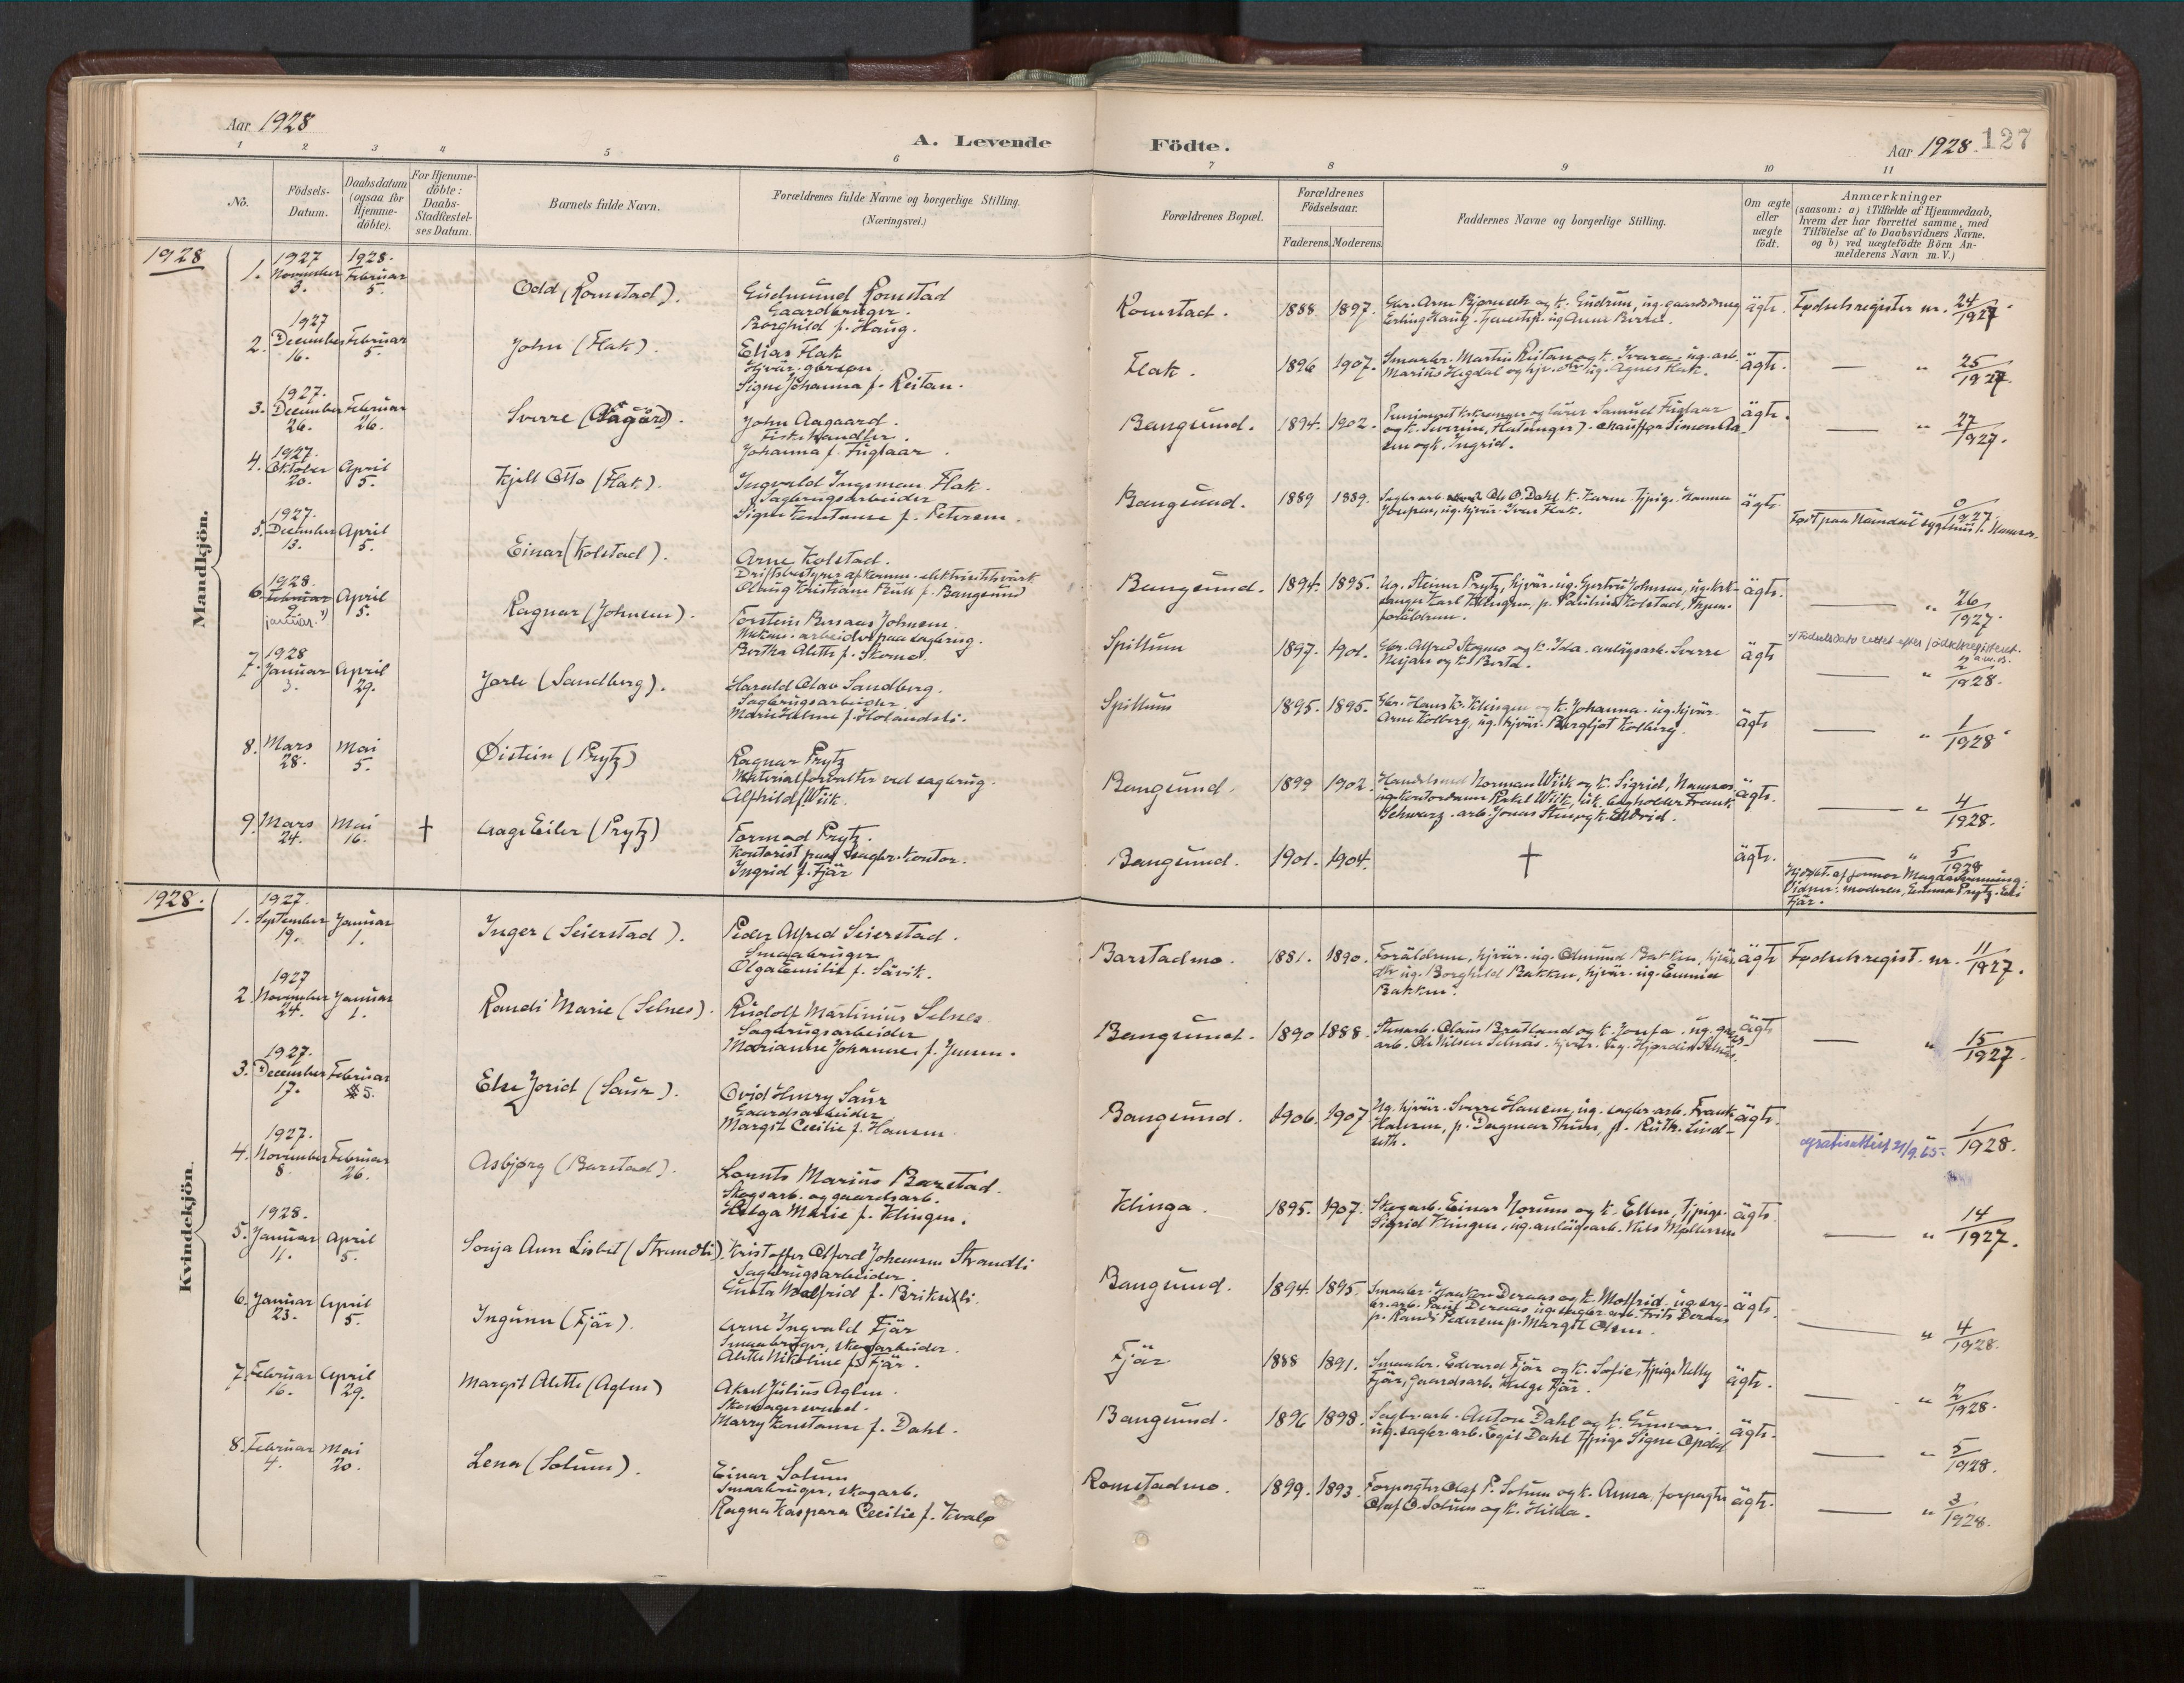 SAT, Ministerialprotokoller, klokkerbøker og fødselsregistre - Nord-Trøndelag, 770/L0589: Ministerialbok nr. 770A03, 1887-1929, s. 127